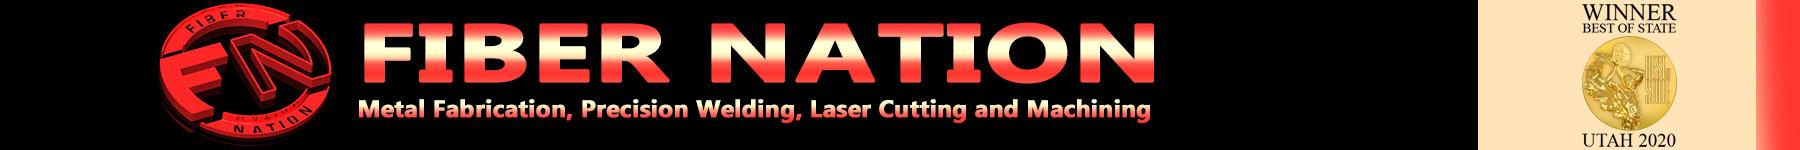 Fiber Nation Laser